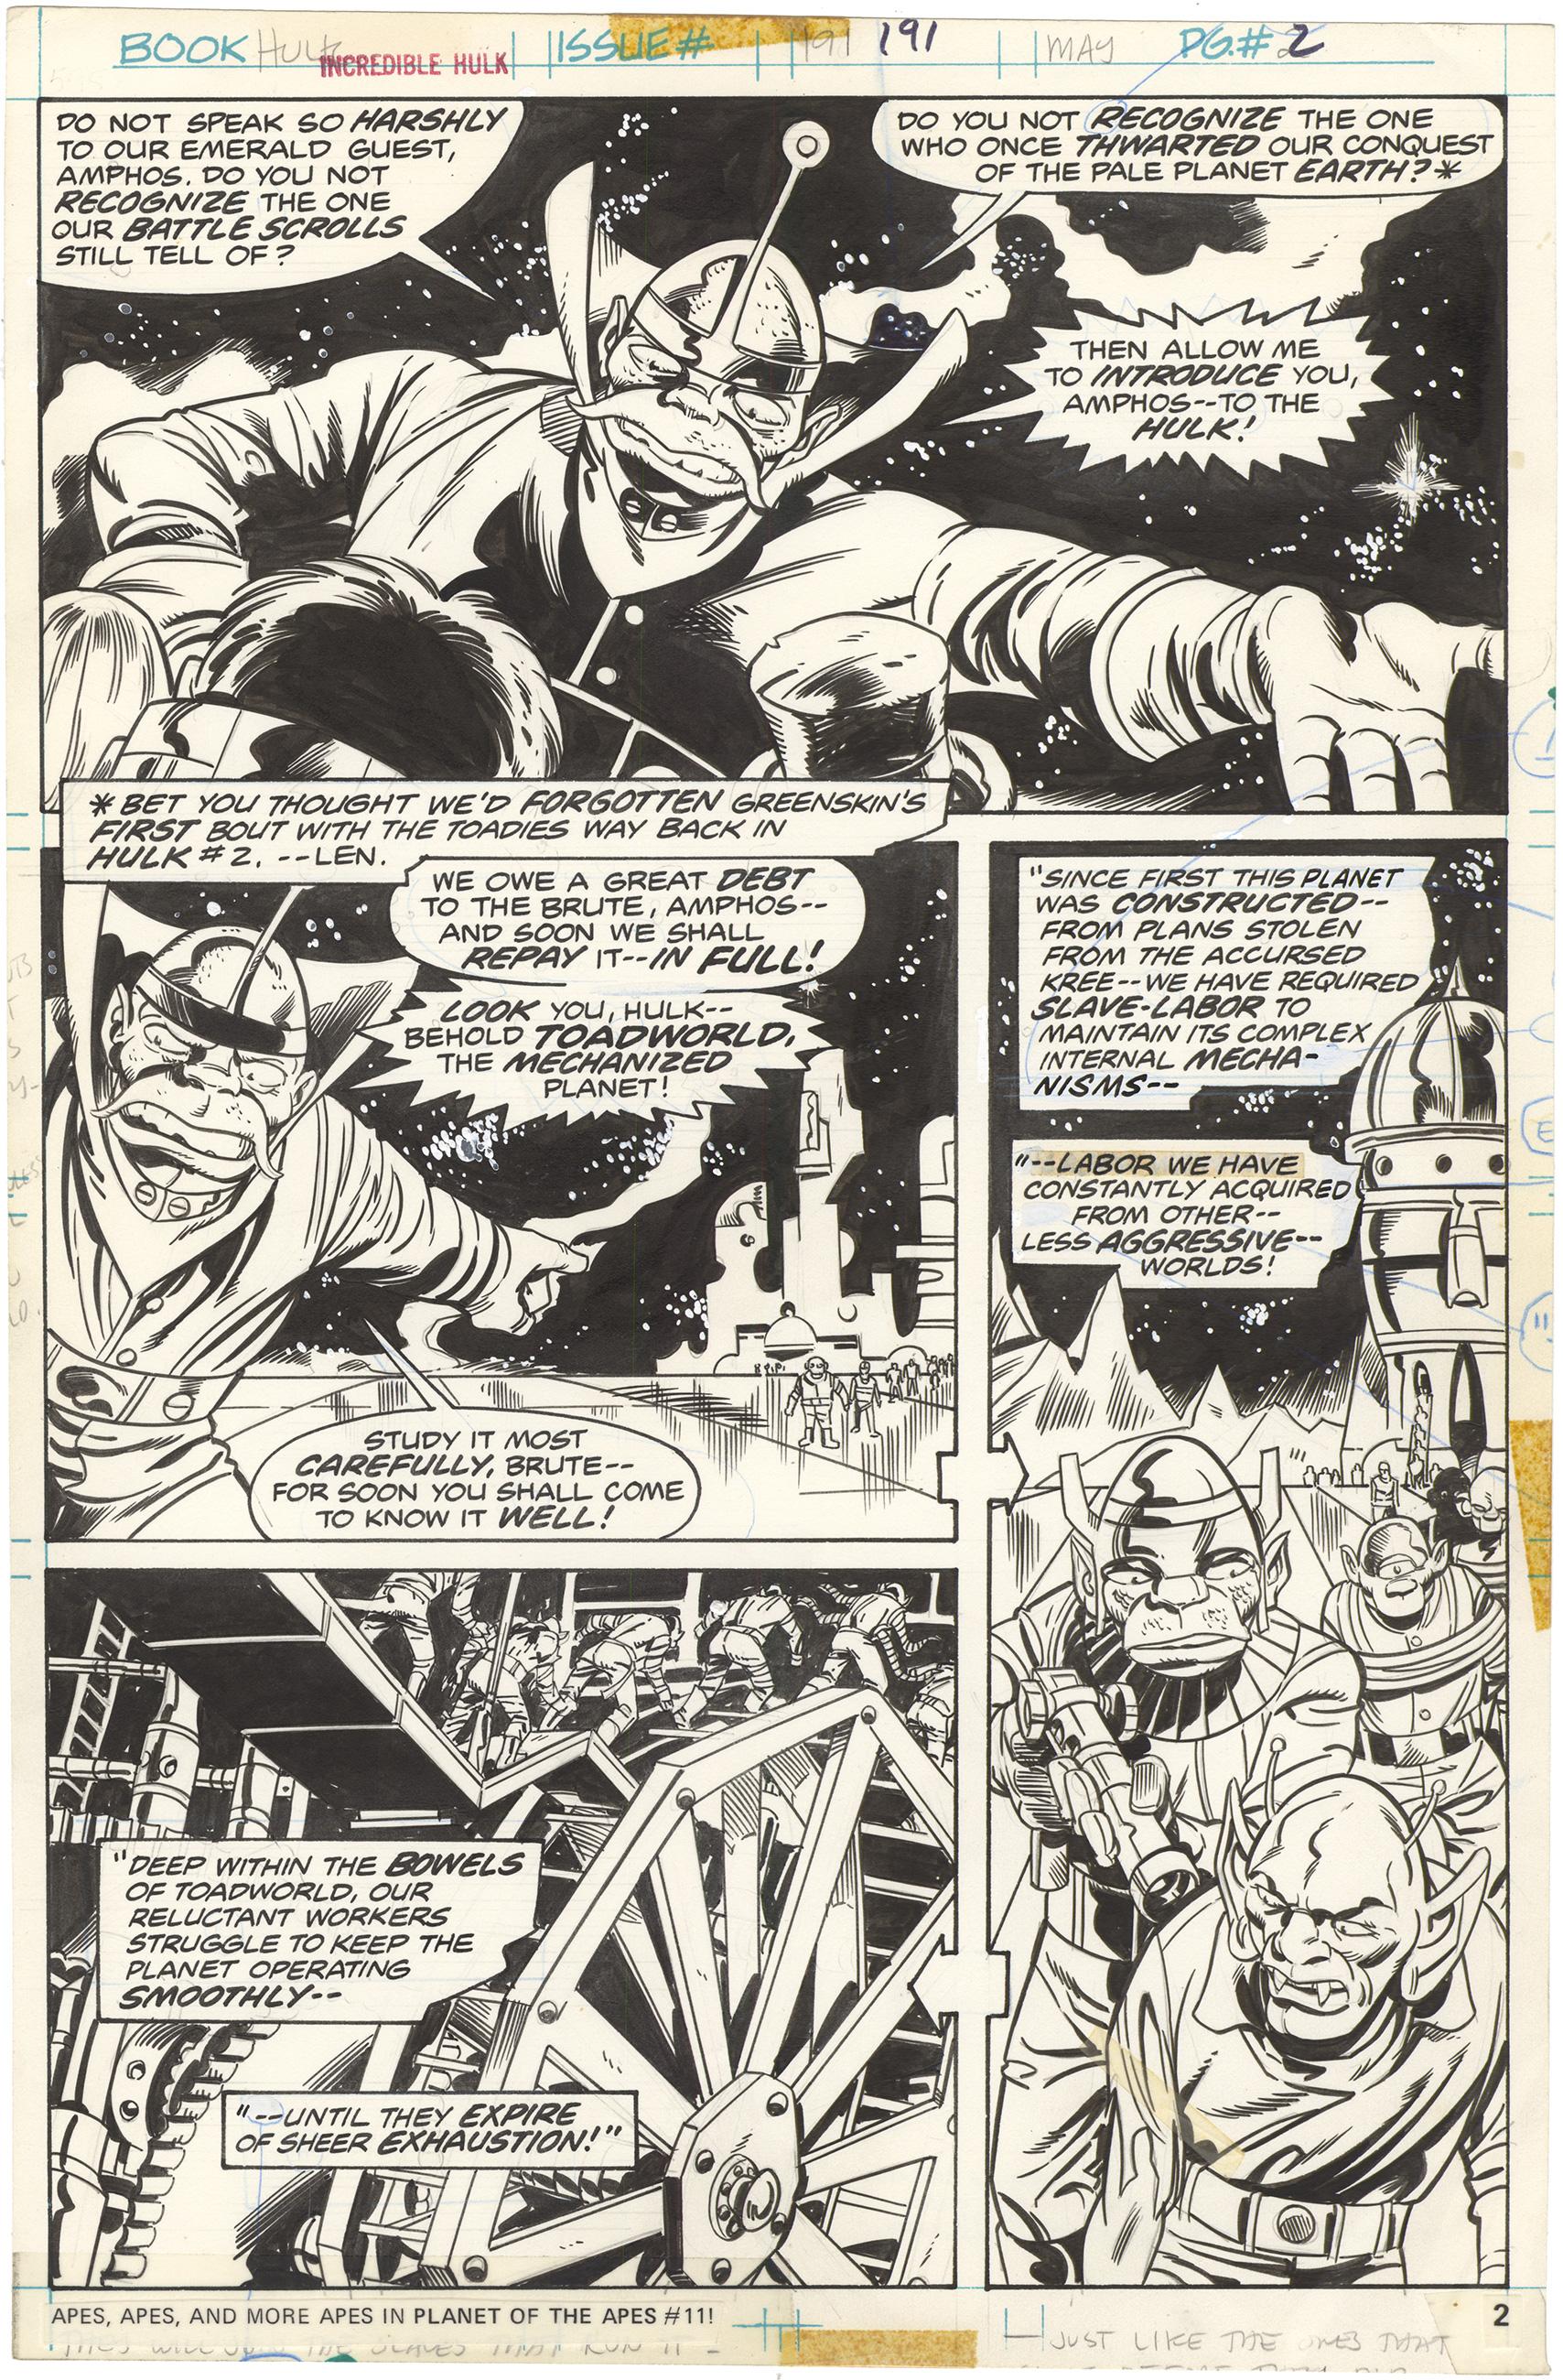 Incredible Hulk #191 p2